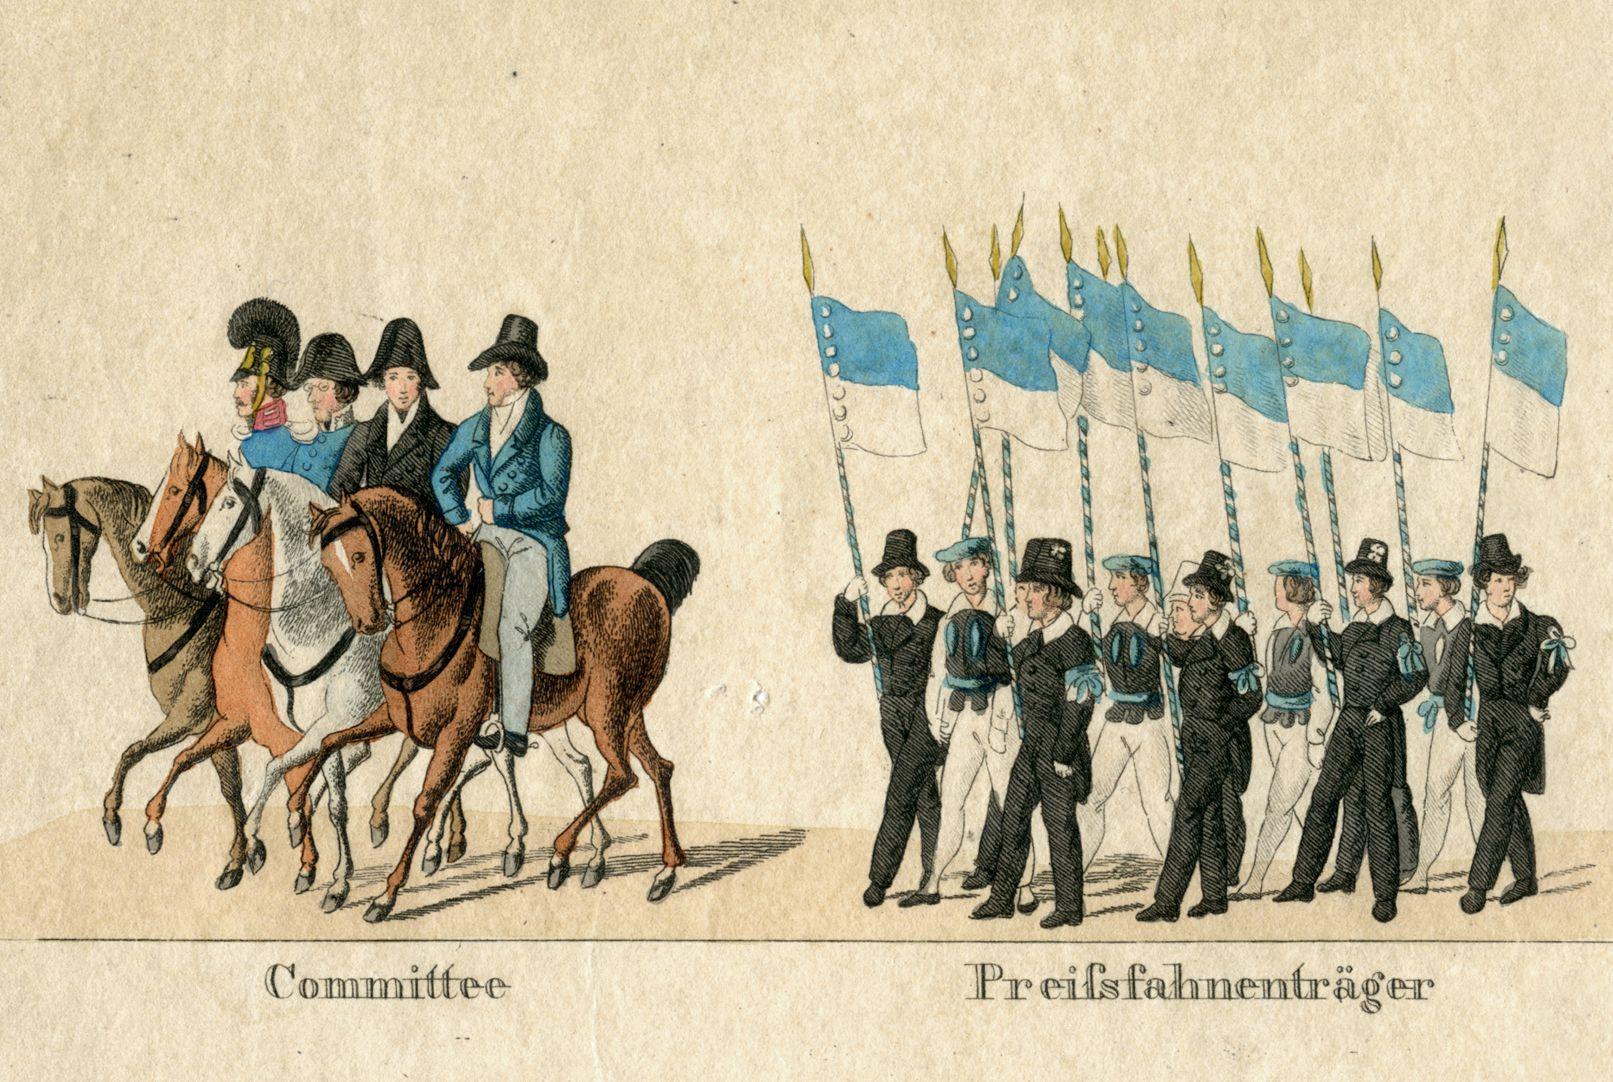 Das Volksfest in Nürnberg. II. erste Zeile von oben, Commitee  Preißfahnenträger